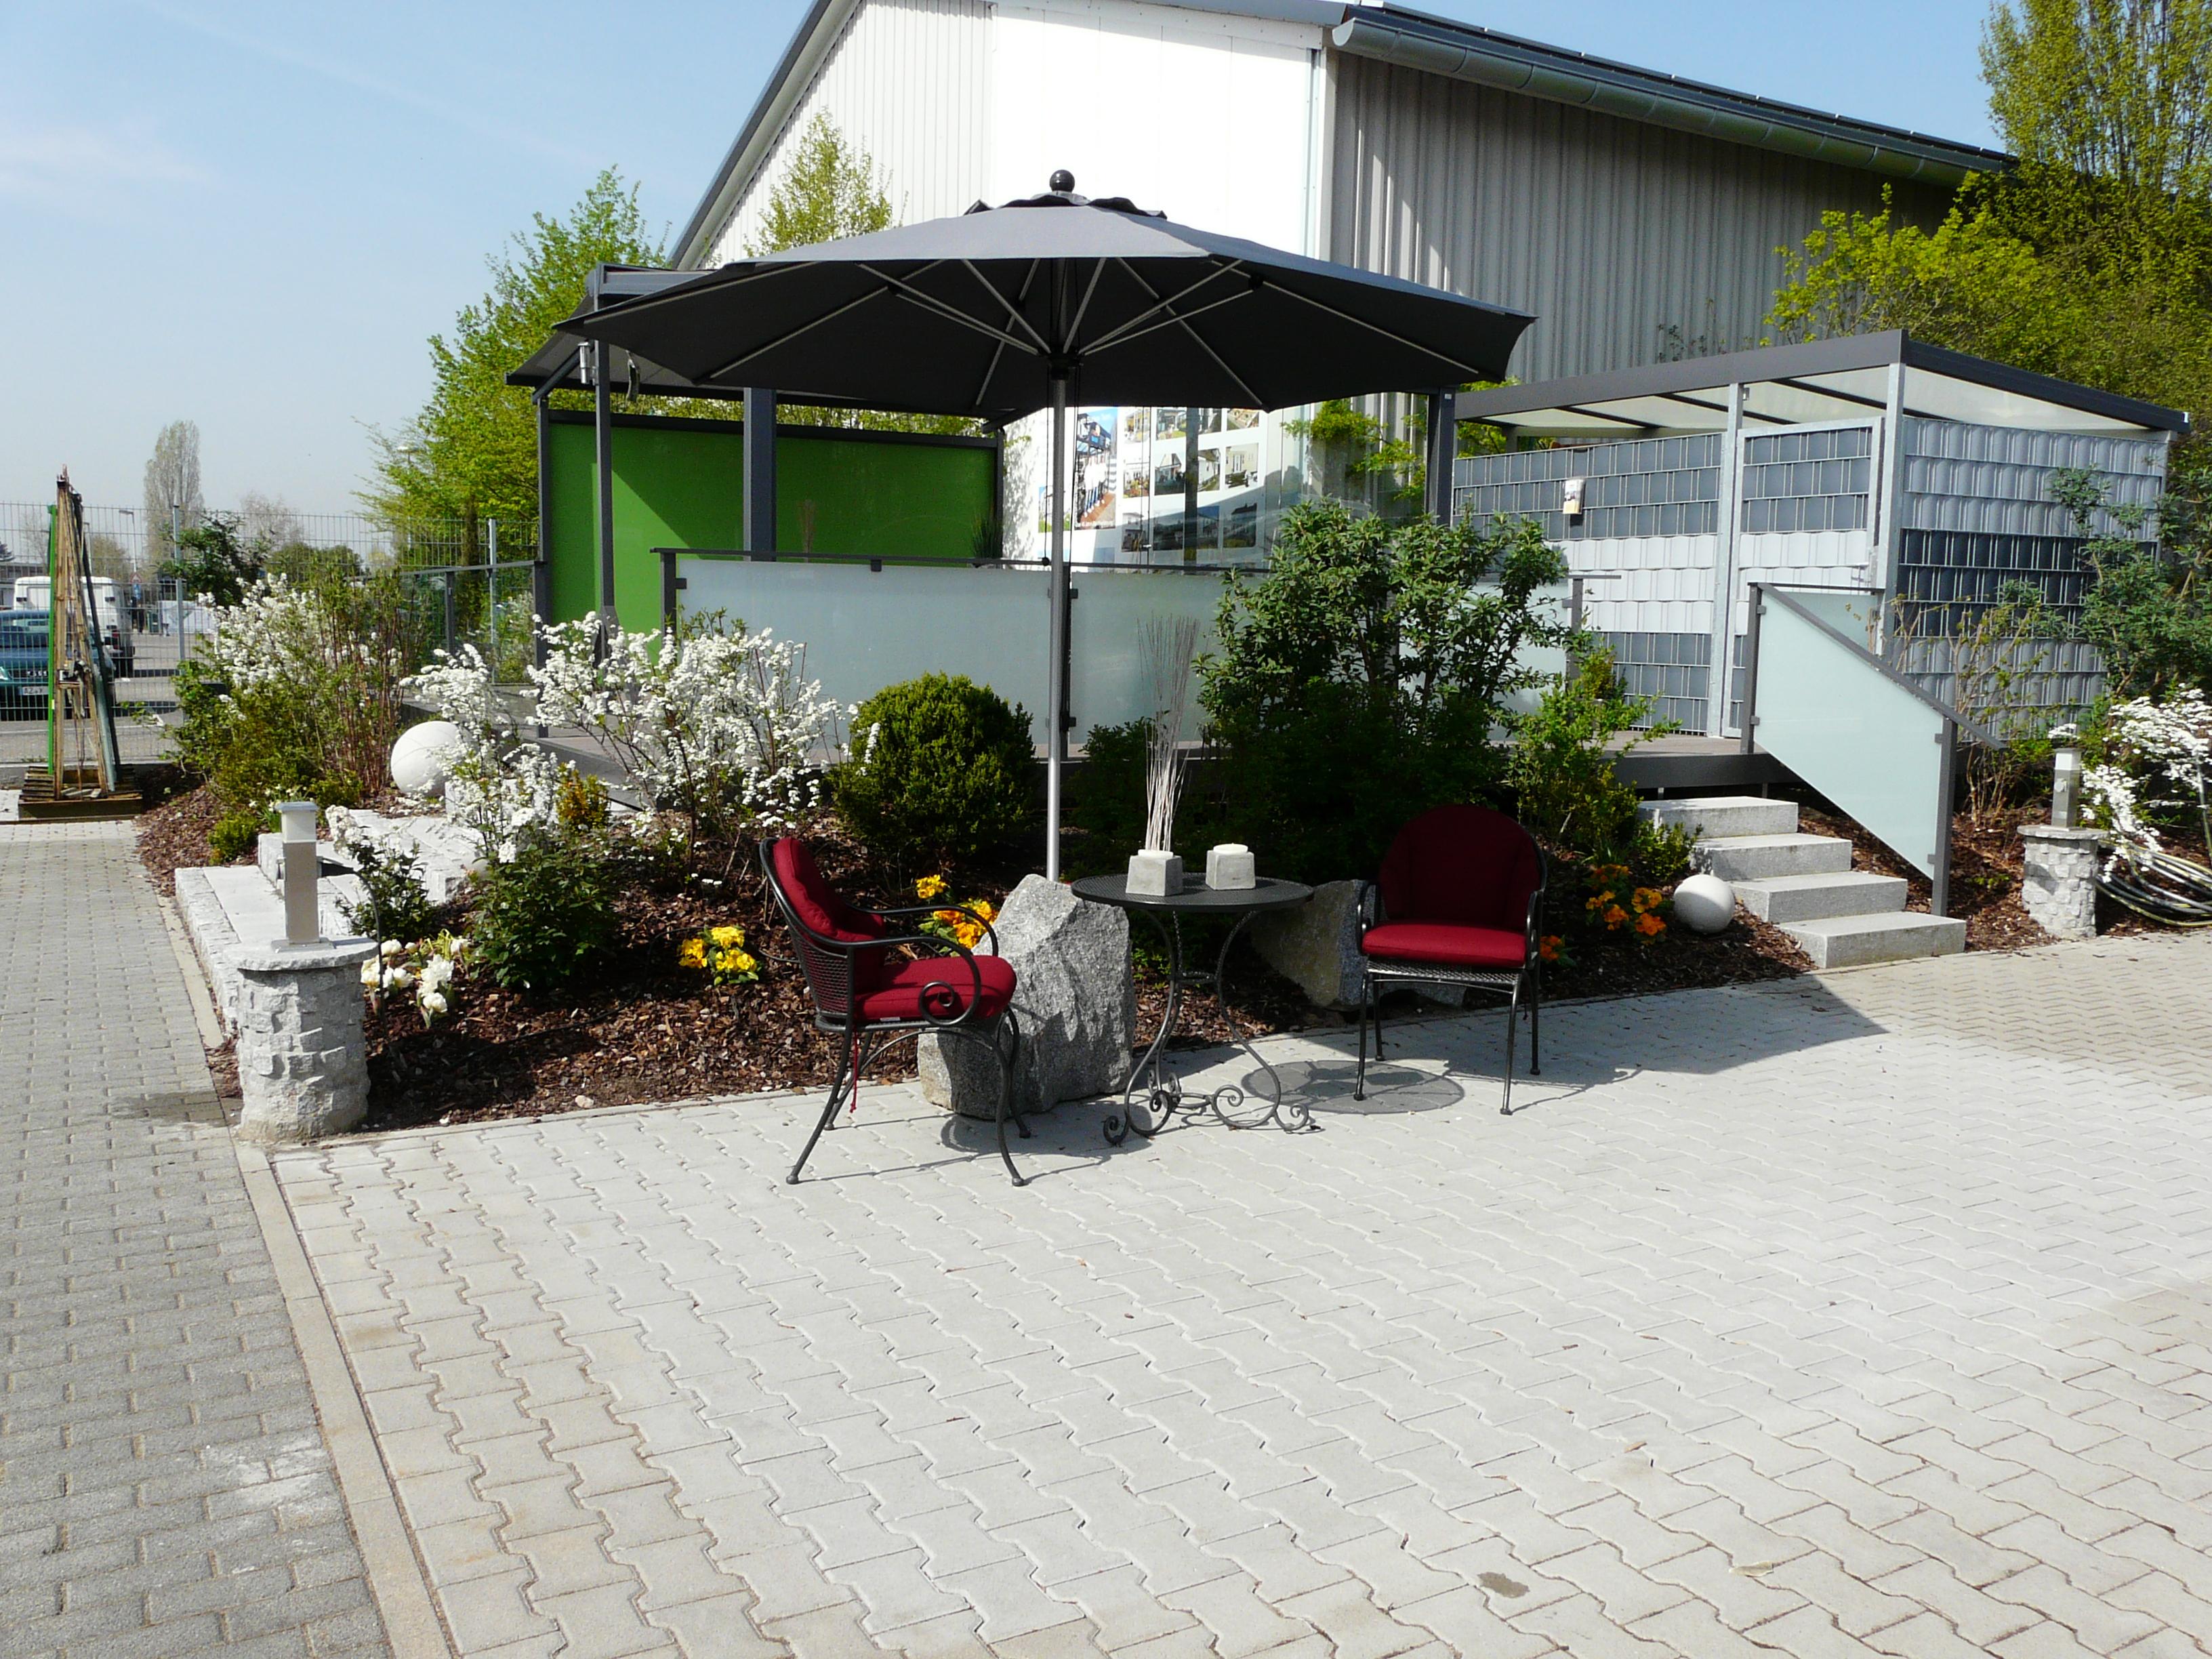 Sonnenschirm, Sietzgelegenheit, Terrassenüberdachung